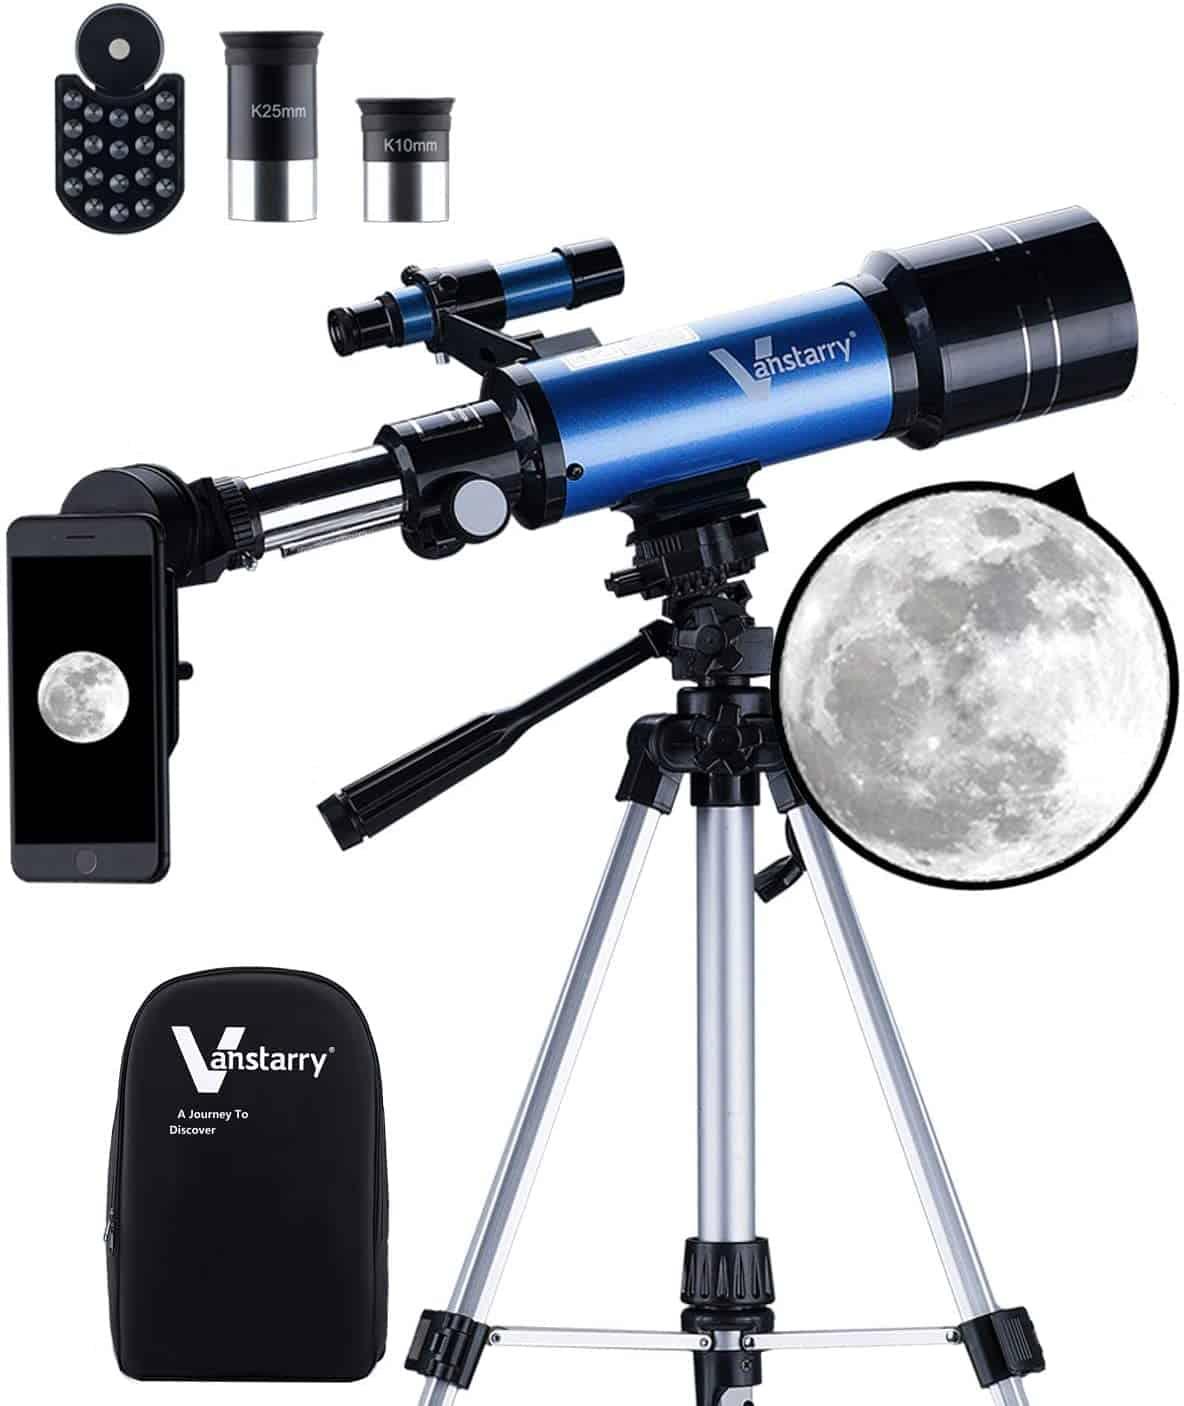 Vanstarry Telescope for Kids